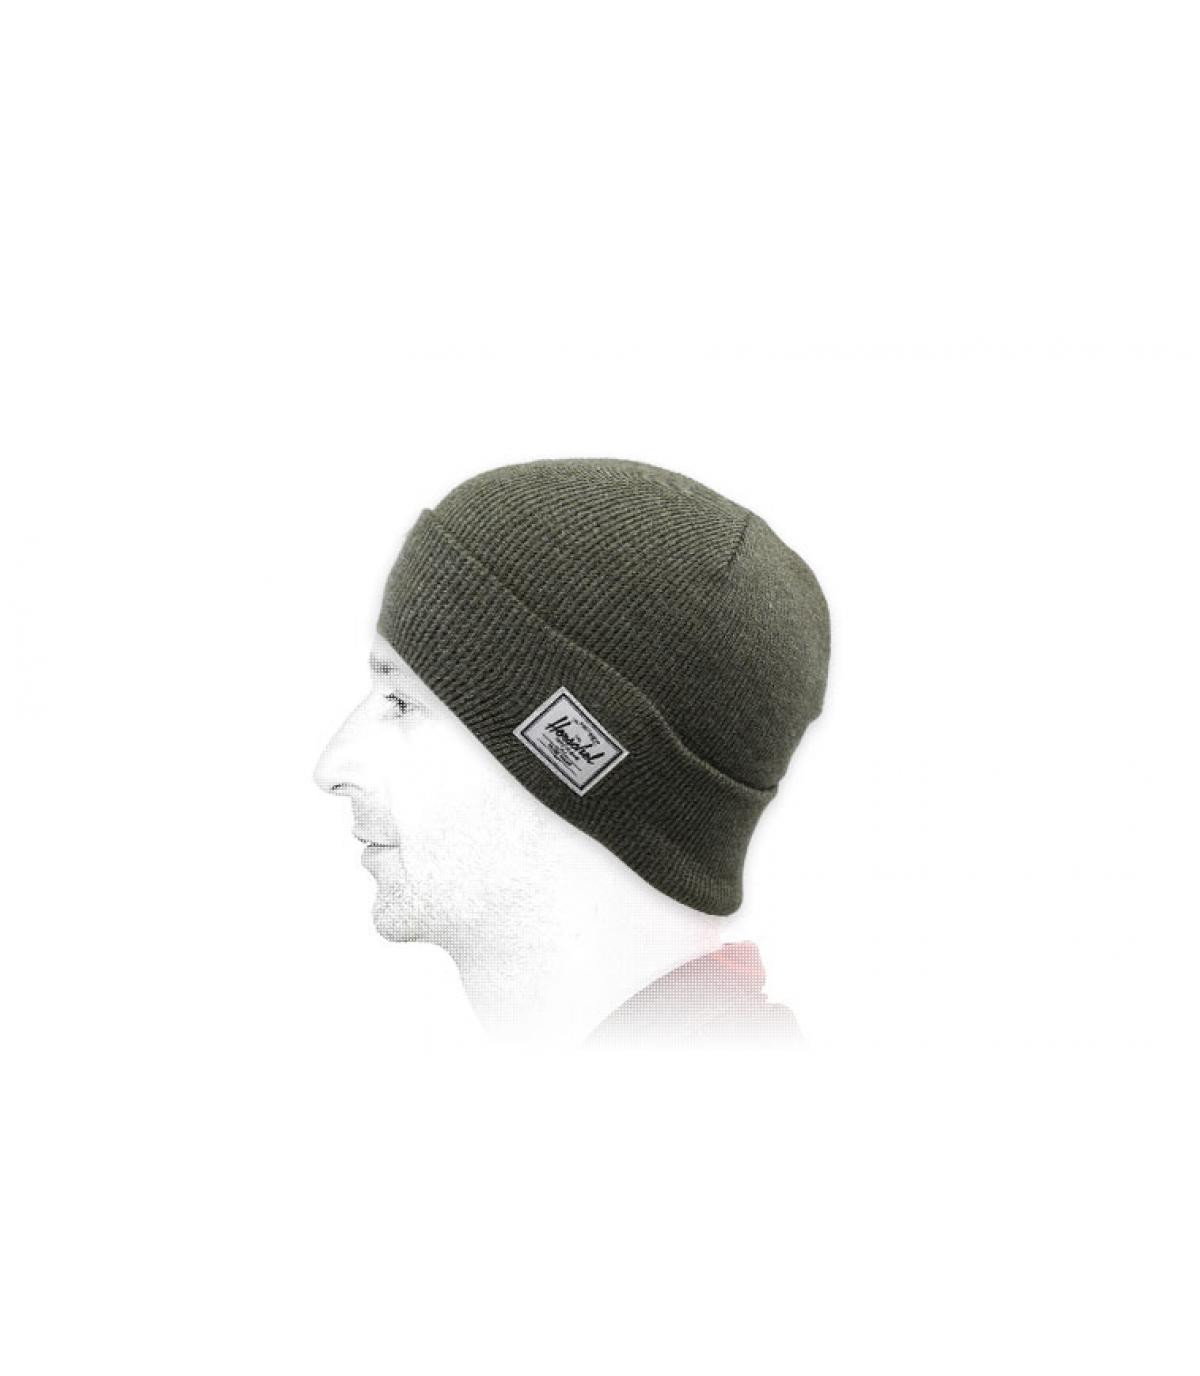 Mütze mit Rand grün Herschel